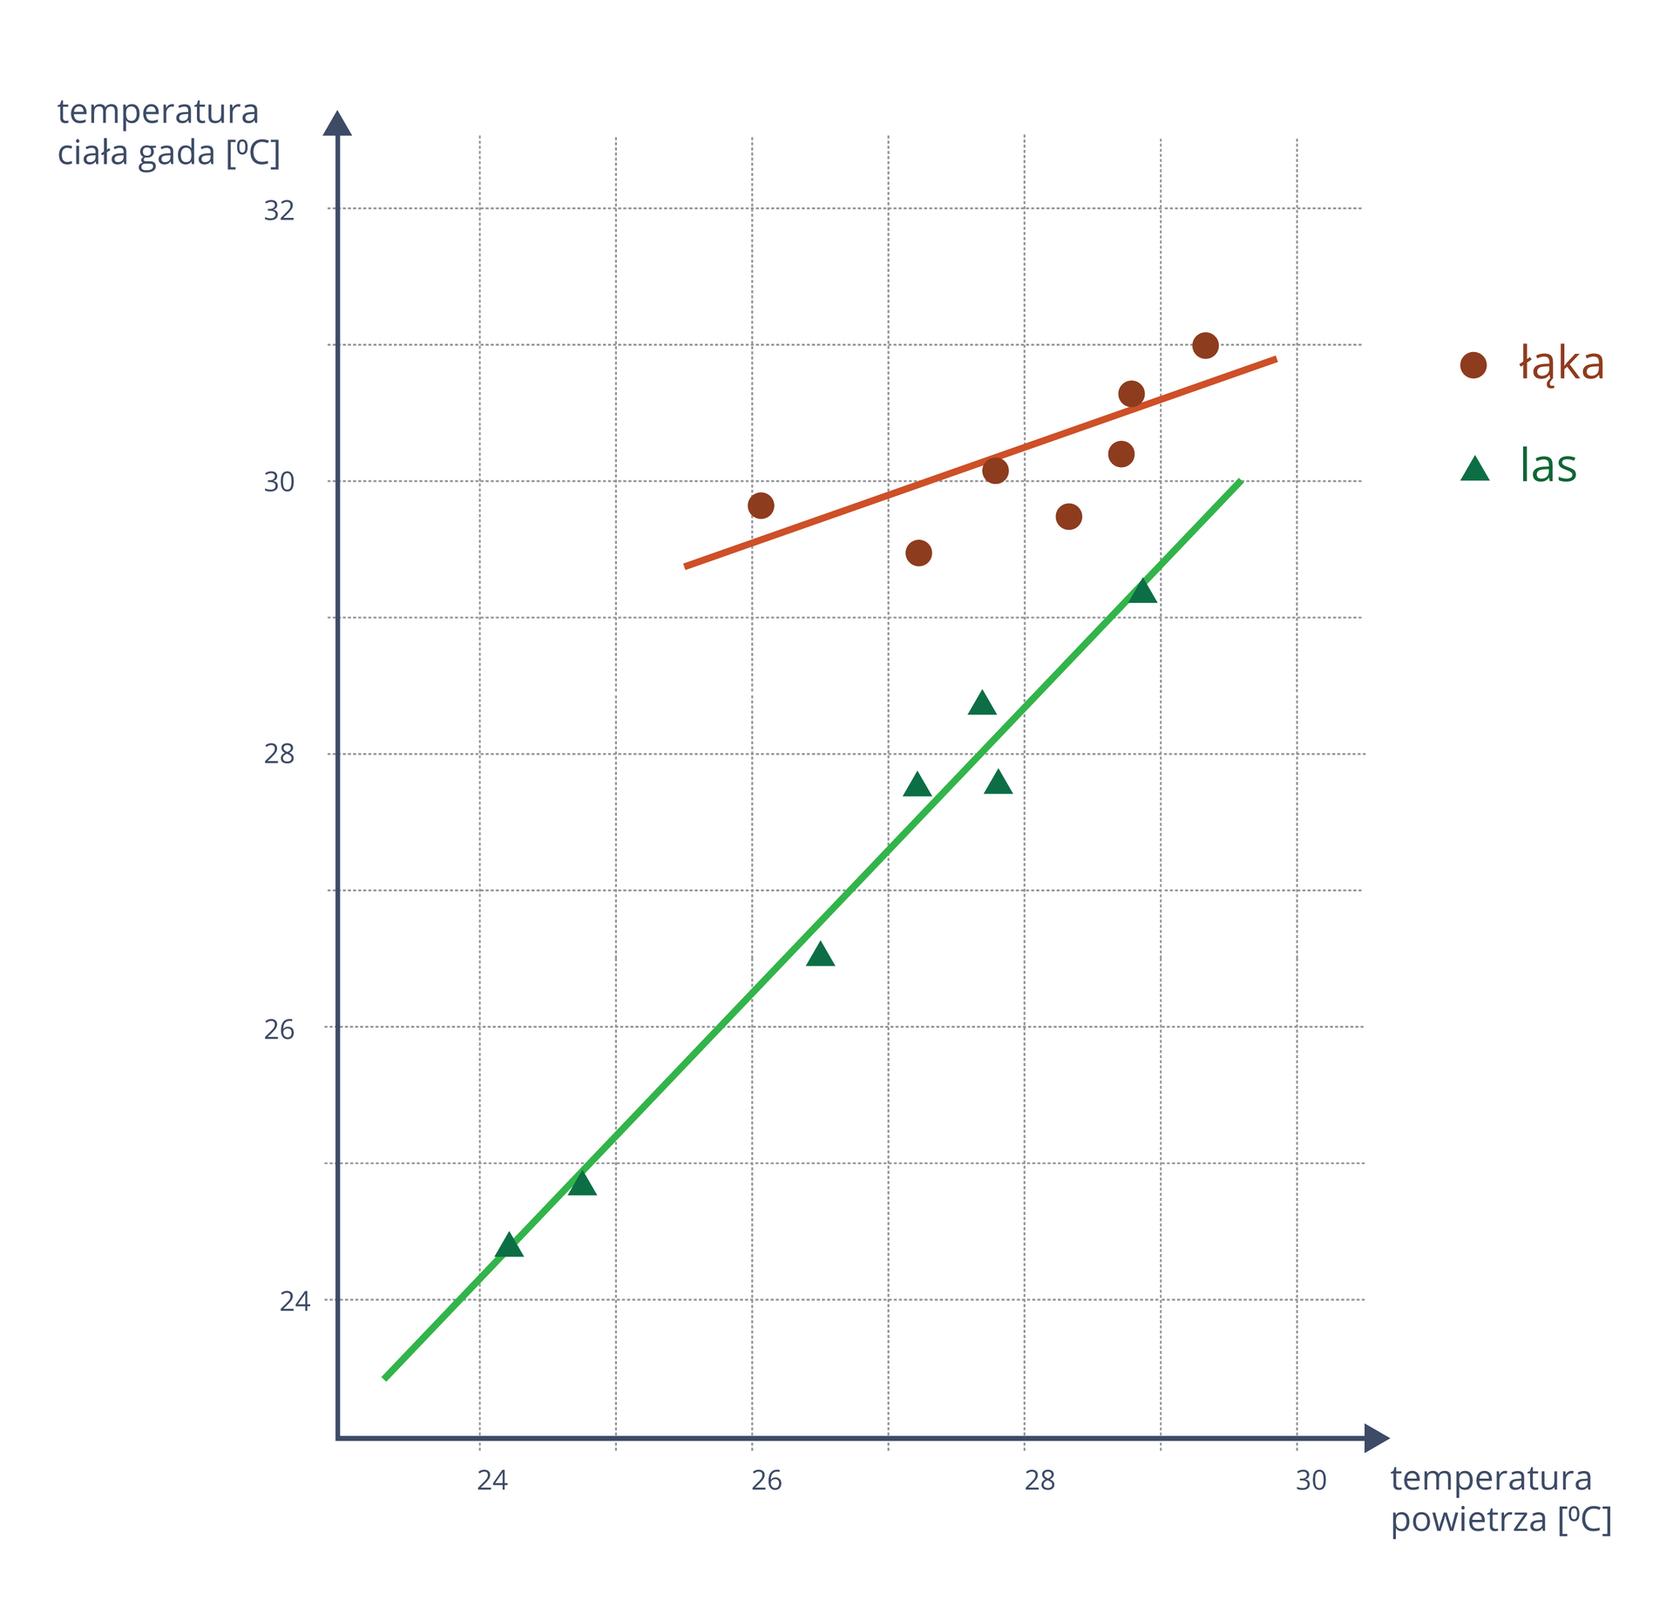 Na rysunku widać schemat zależności temperatury ciała gada od temperatury powietrza wstopniach Celsjusza. Na wykresie widać dwie linie, czerwoną oznaczającą łąkę oraz zieloną oznaczającą las. Linia czerwona jest mocno nachylona. Jej początek znajduje się na 25 ipół stopnia temperatury powietrza ikończy się na 30 stopniach. Temperatura ciała gada mieści się na łące wprzedziale 29 ipół stopnia a31 stopni. Jej wzrost jest więc niewielki. Linia zielona, oznaczająca las jest długa imniej nachylona. Wyznaczana przez nią temperatura powietrza zawiera się wprzedziale 23 ipół stopnia a29 ipół stopnia. Temperatura ciała gada rośnie od 23 ipół stopnia do 30 stopni. Wzrost temperatury zarówno powietrza, jak iciała gada wlesie jest bardzo znaczny.